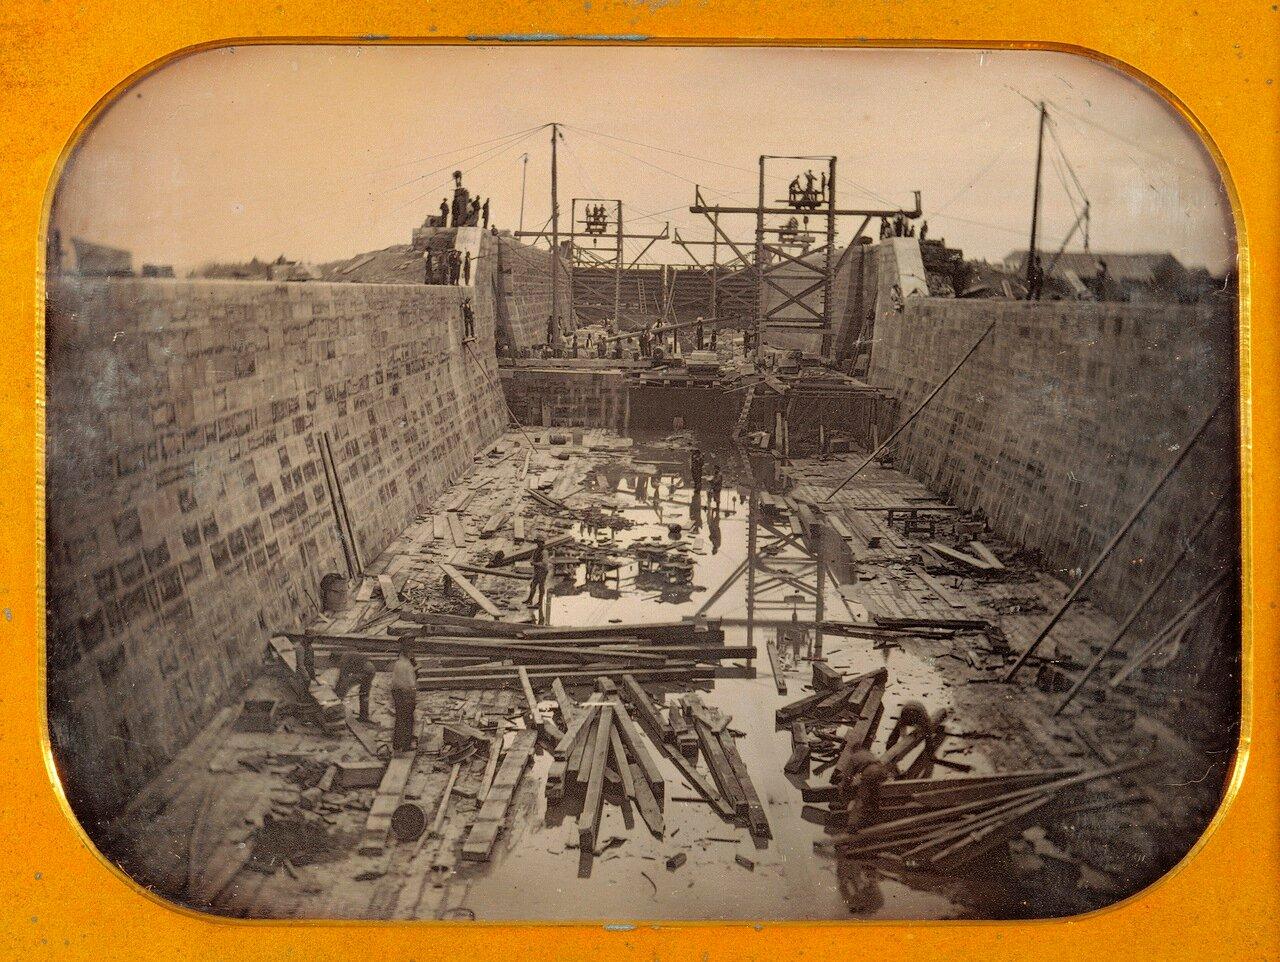 1849. Строительство неопознанного канала в восточной части Соединенных Штатов.